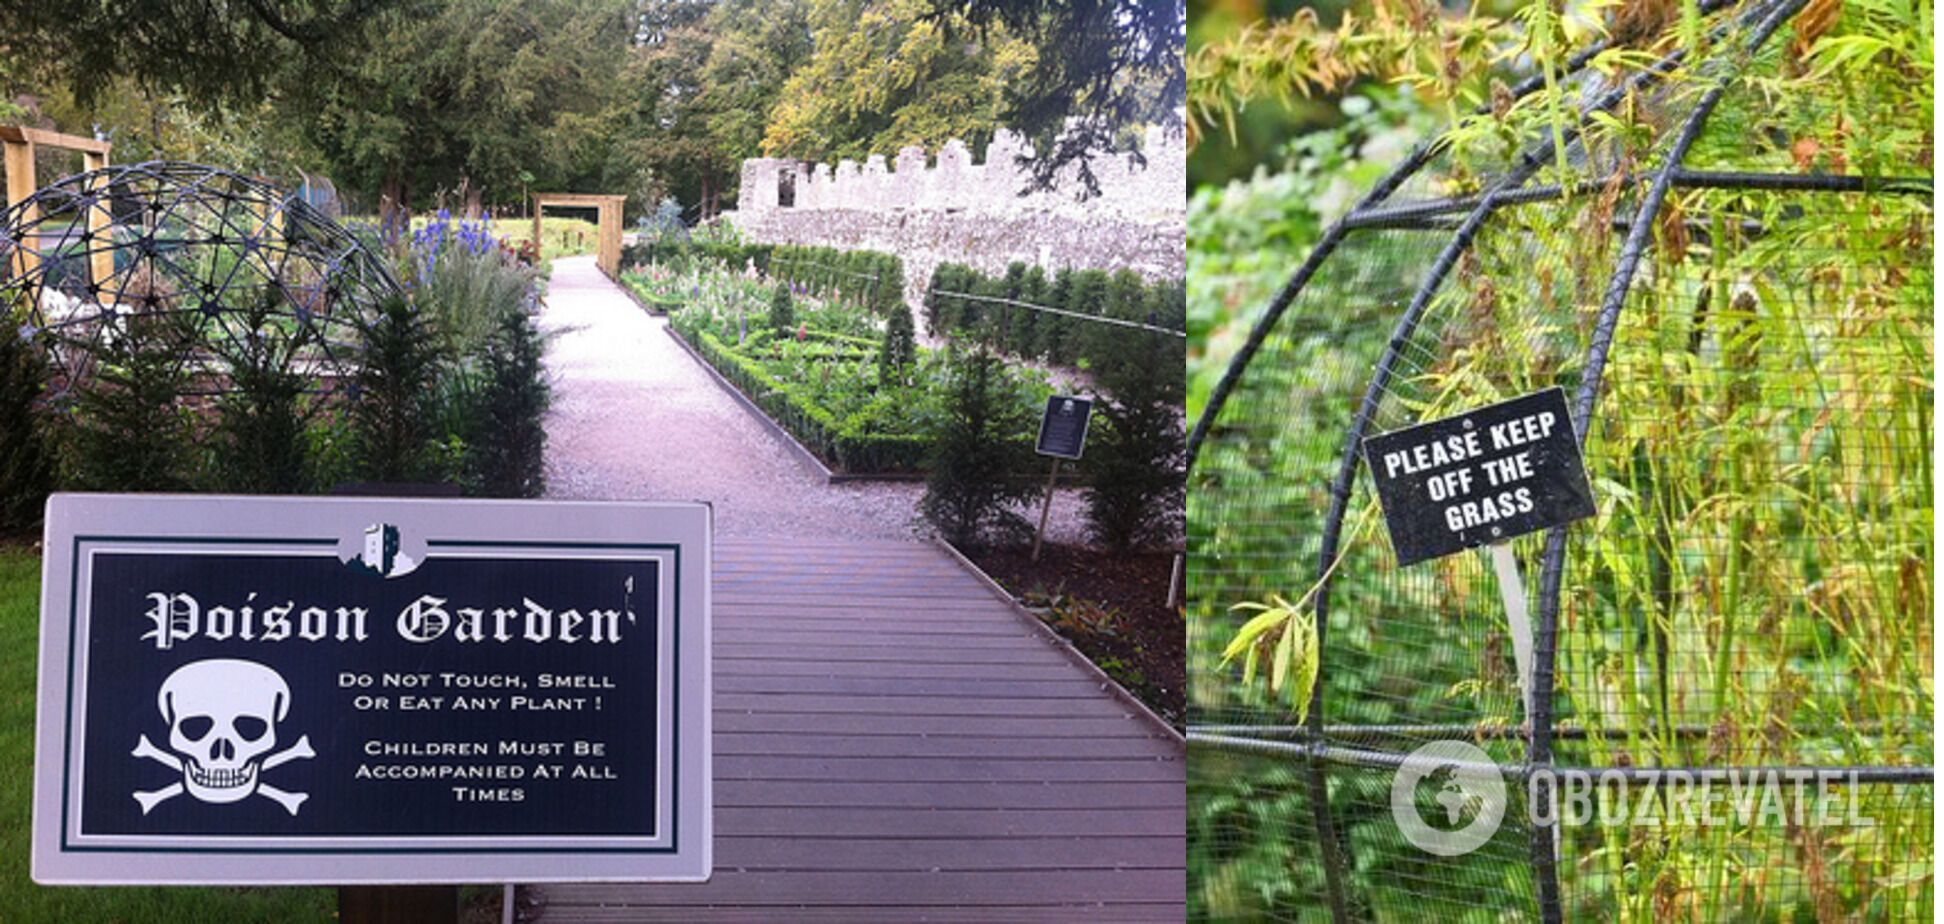 Ядовитый сад является частью комплекса Сад Алника в Нортумберленде